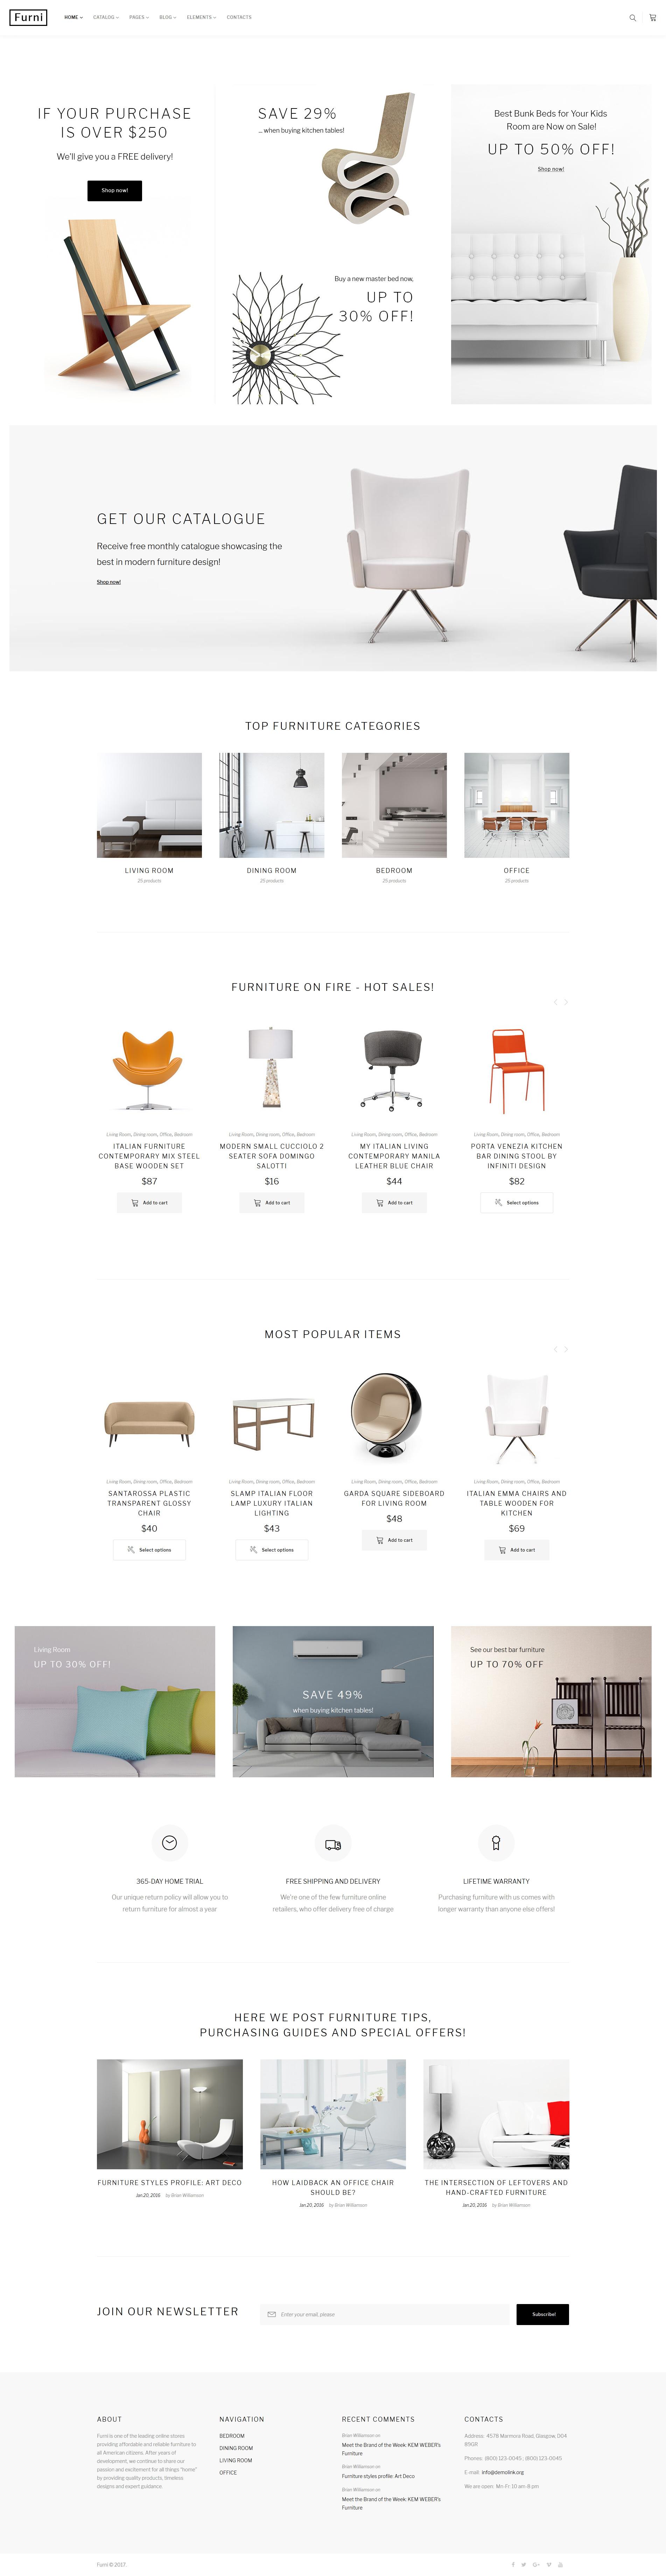 Responsywny szablon strony www Furni - wielostronicowy sklep meblowy #62272 - zrzut ekranu